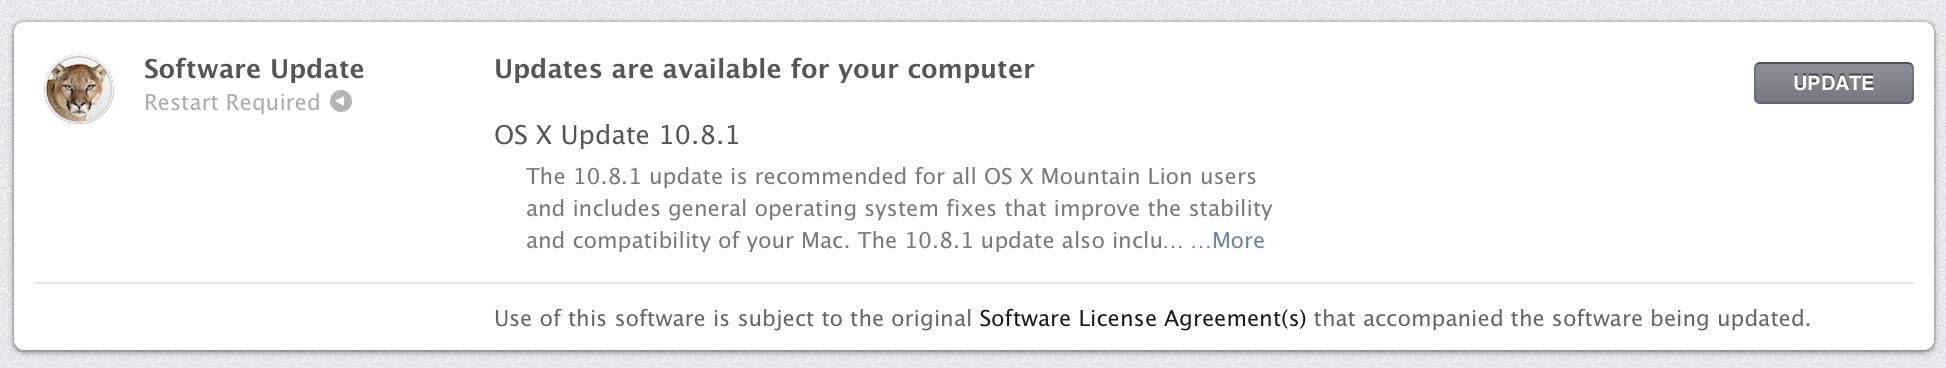 Oppdater Mac-en din til 10.8.1.